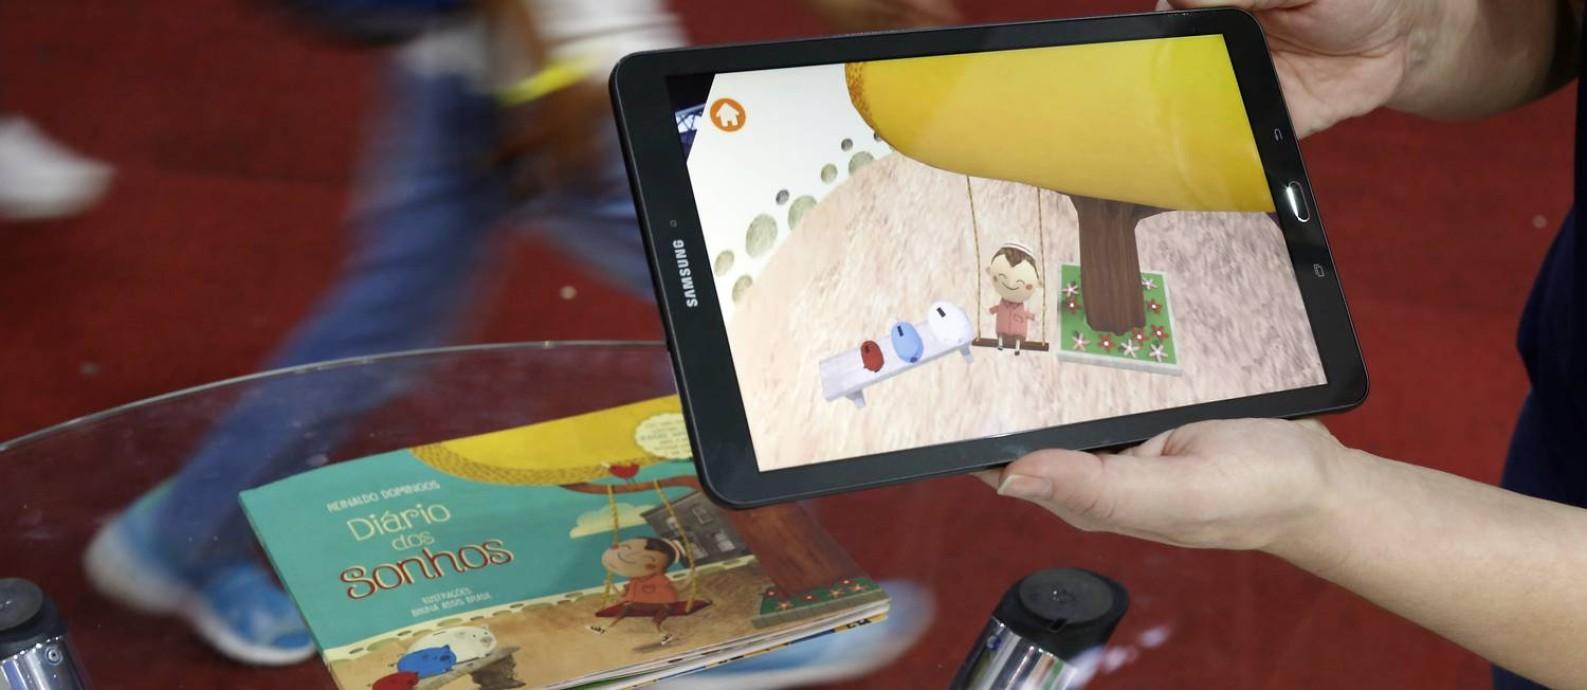 """Tecnologia didática. Apresentado na última Bienal do Livro, """"Diário dos sonhos"""" ensina educação financeira às crianças com desafios de realidade aumentada Foto: Agência O GLOBO / Edílson Dantas"""